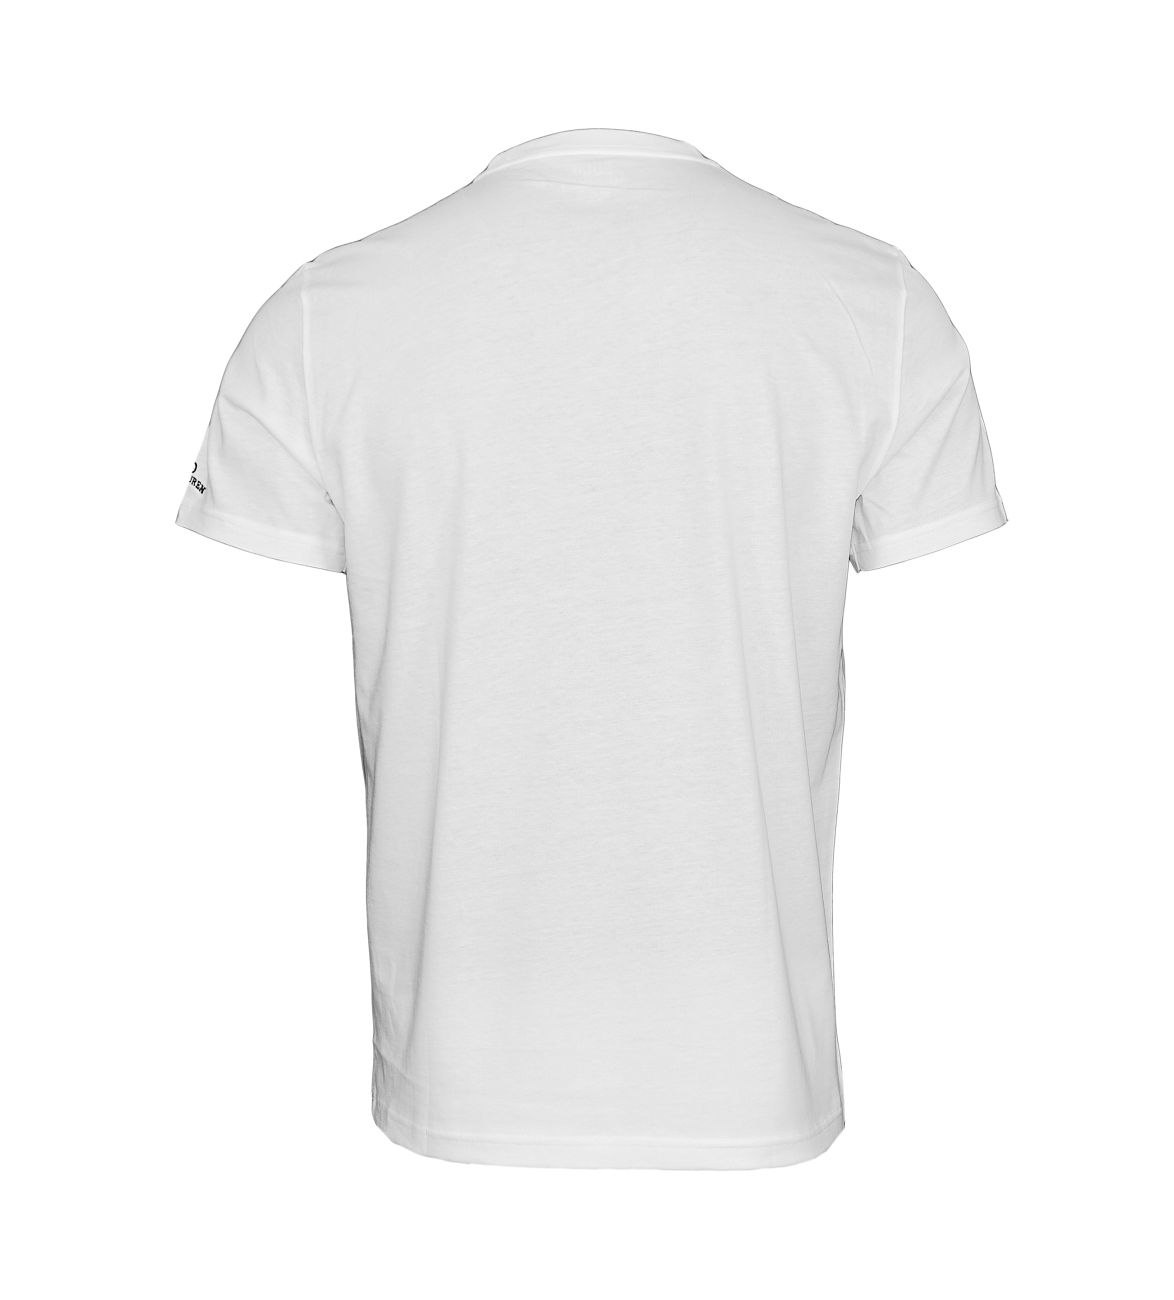 Ralph Lauren T-Shirt Rundhals 71468781 0002 White S18-RLS1